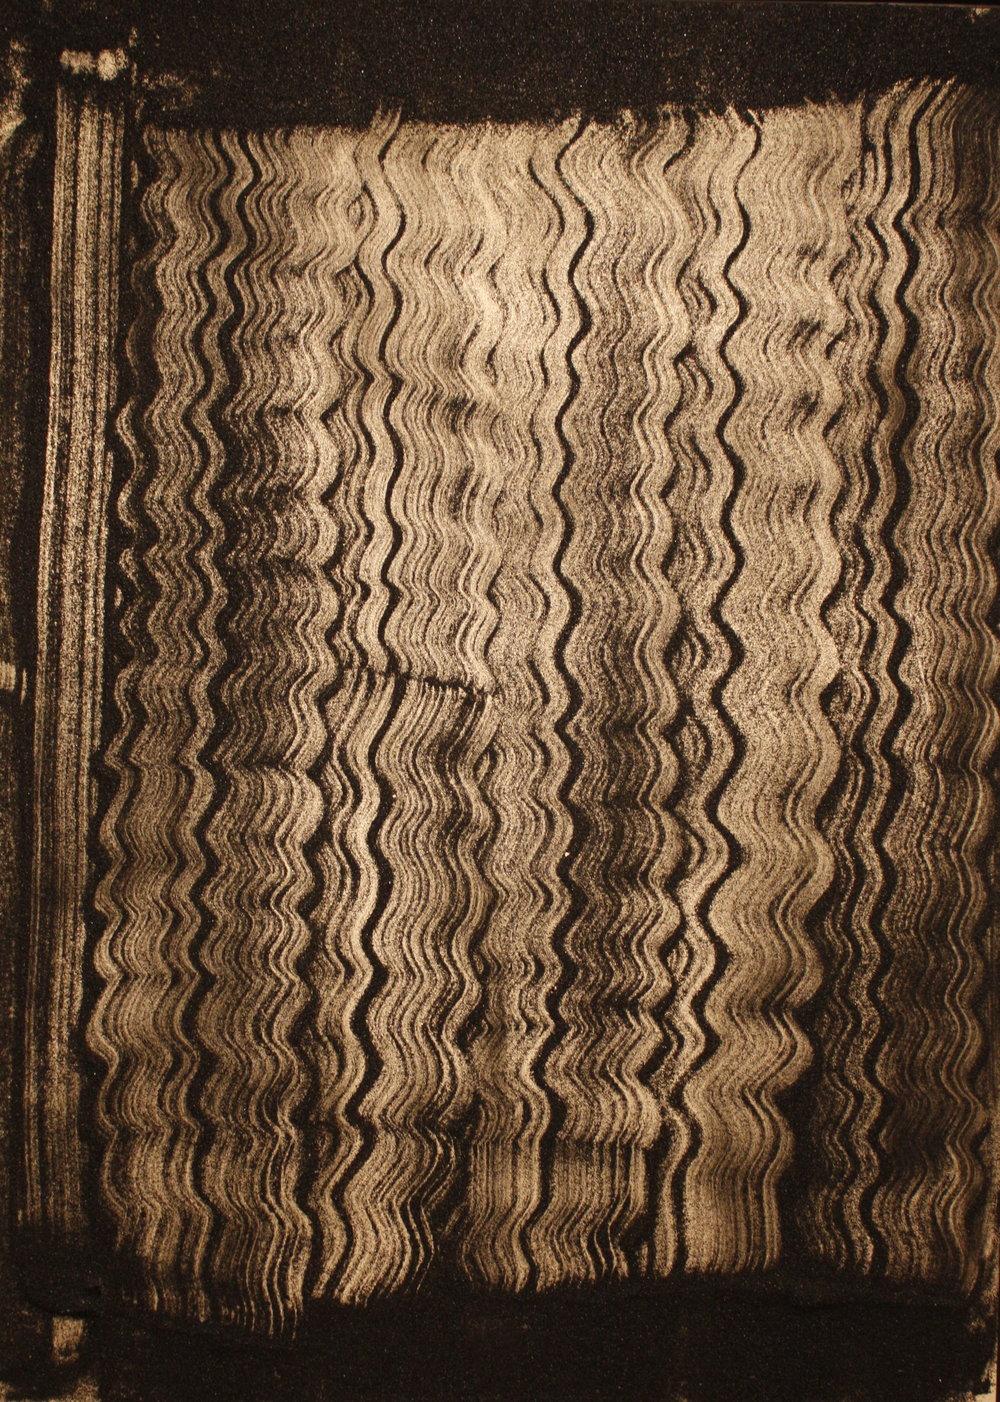 Robert Scott - Veil. 2011. 94.5x67.75.JPG